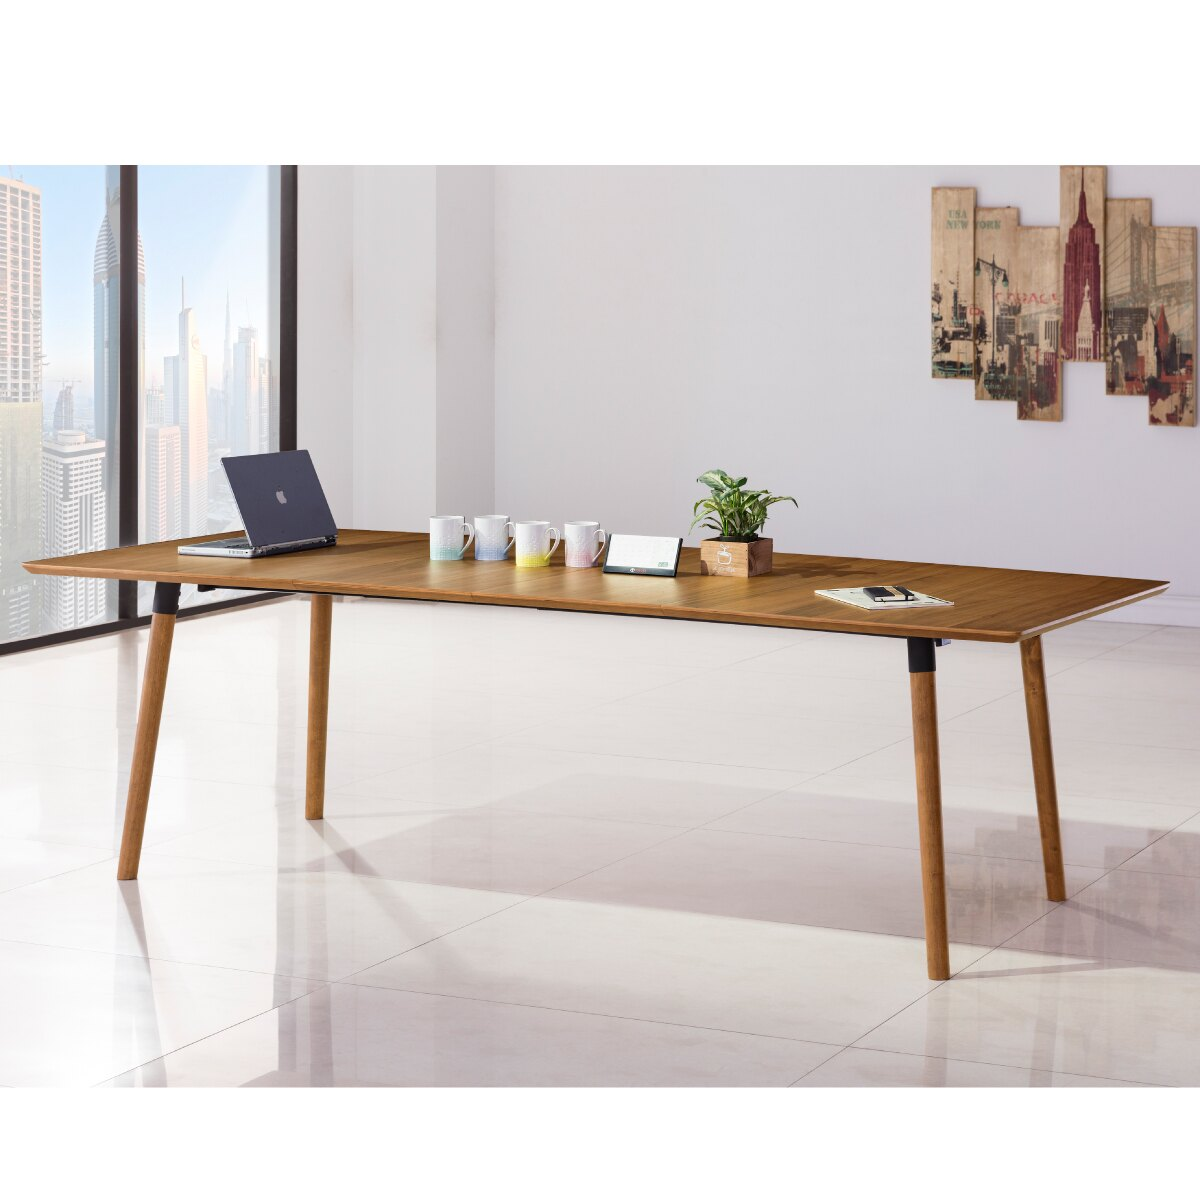 《2021輕鬆成家專案-買就『送』木質精油》萊恩伸縮洽談桌+伊默斯布面會議椅一桌四椅組【myhome8居家無限】